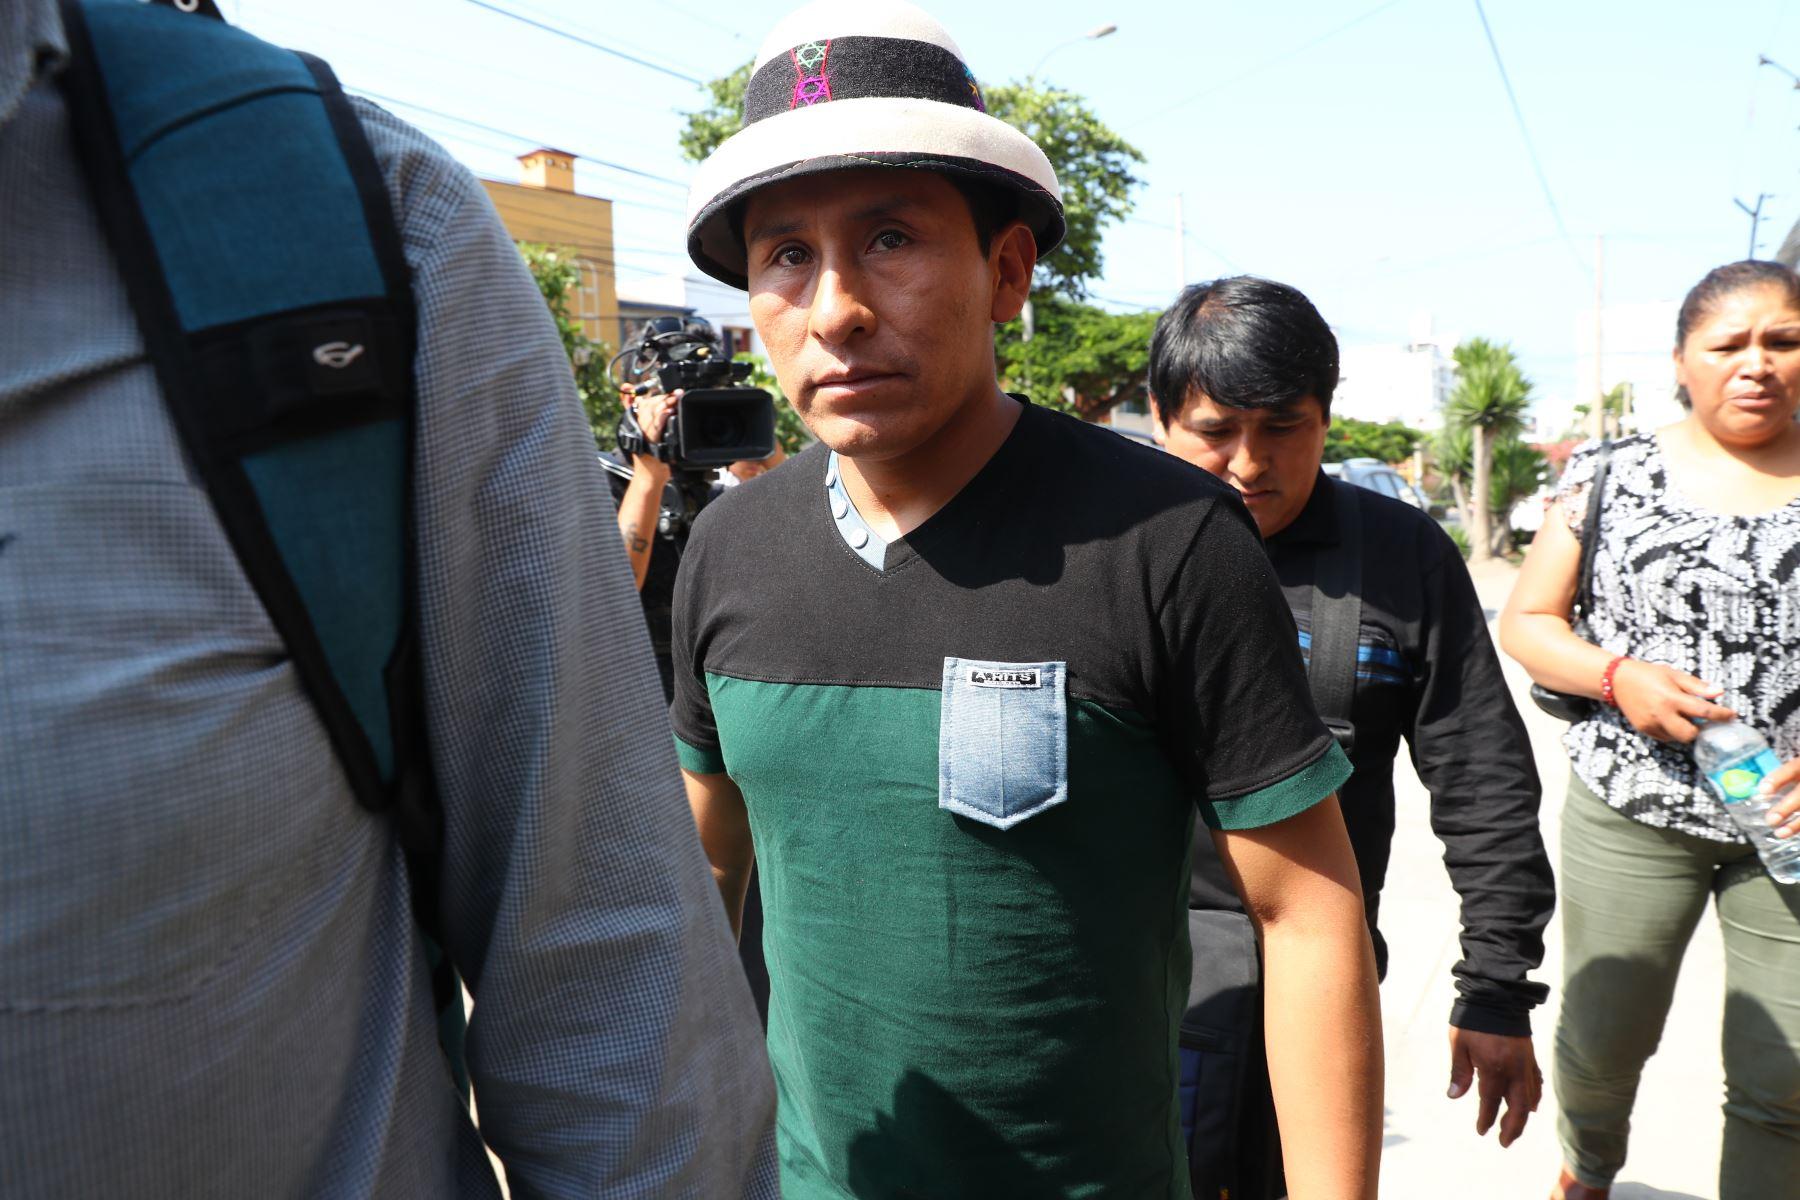 Dirigente Gregorio Rojas, Presidente de la Comunidad de Fuerabamba a su llegada a sede de la Conferencia Episcopal Peruana.Foto: ANDINA/Norman Córdova